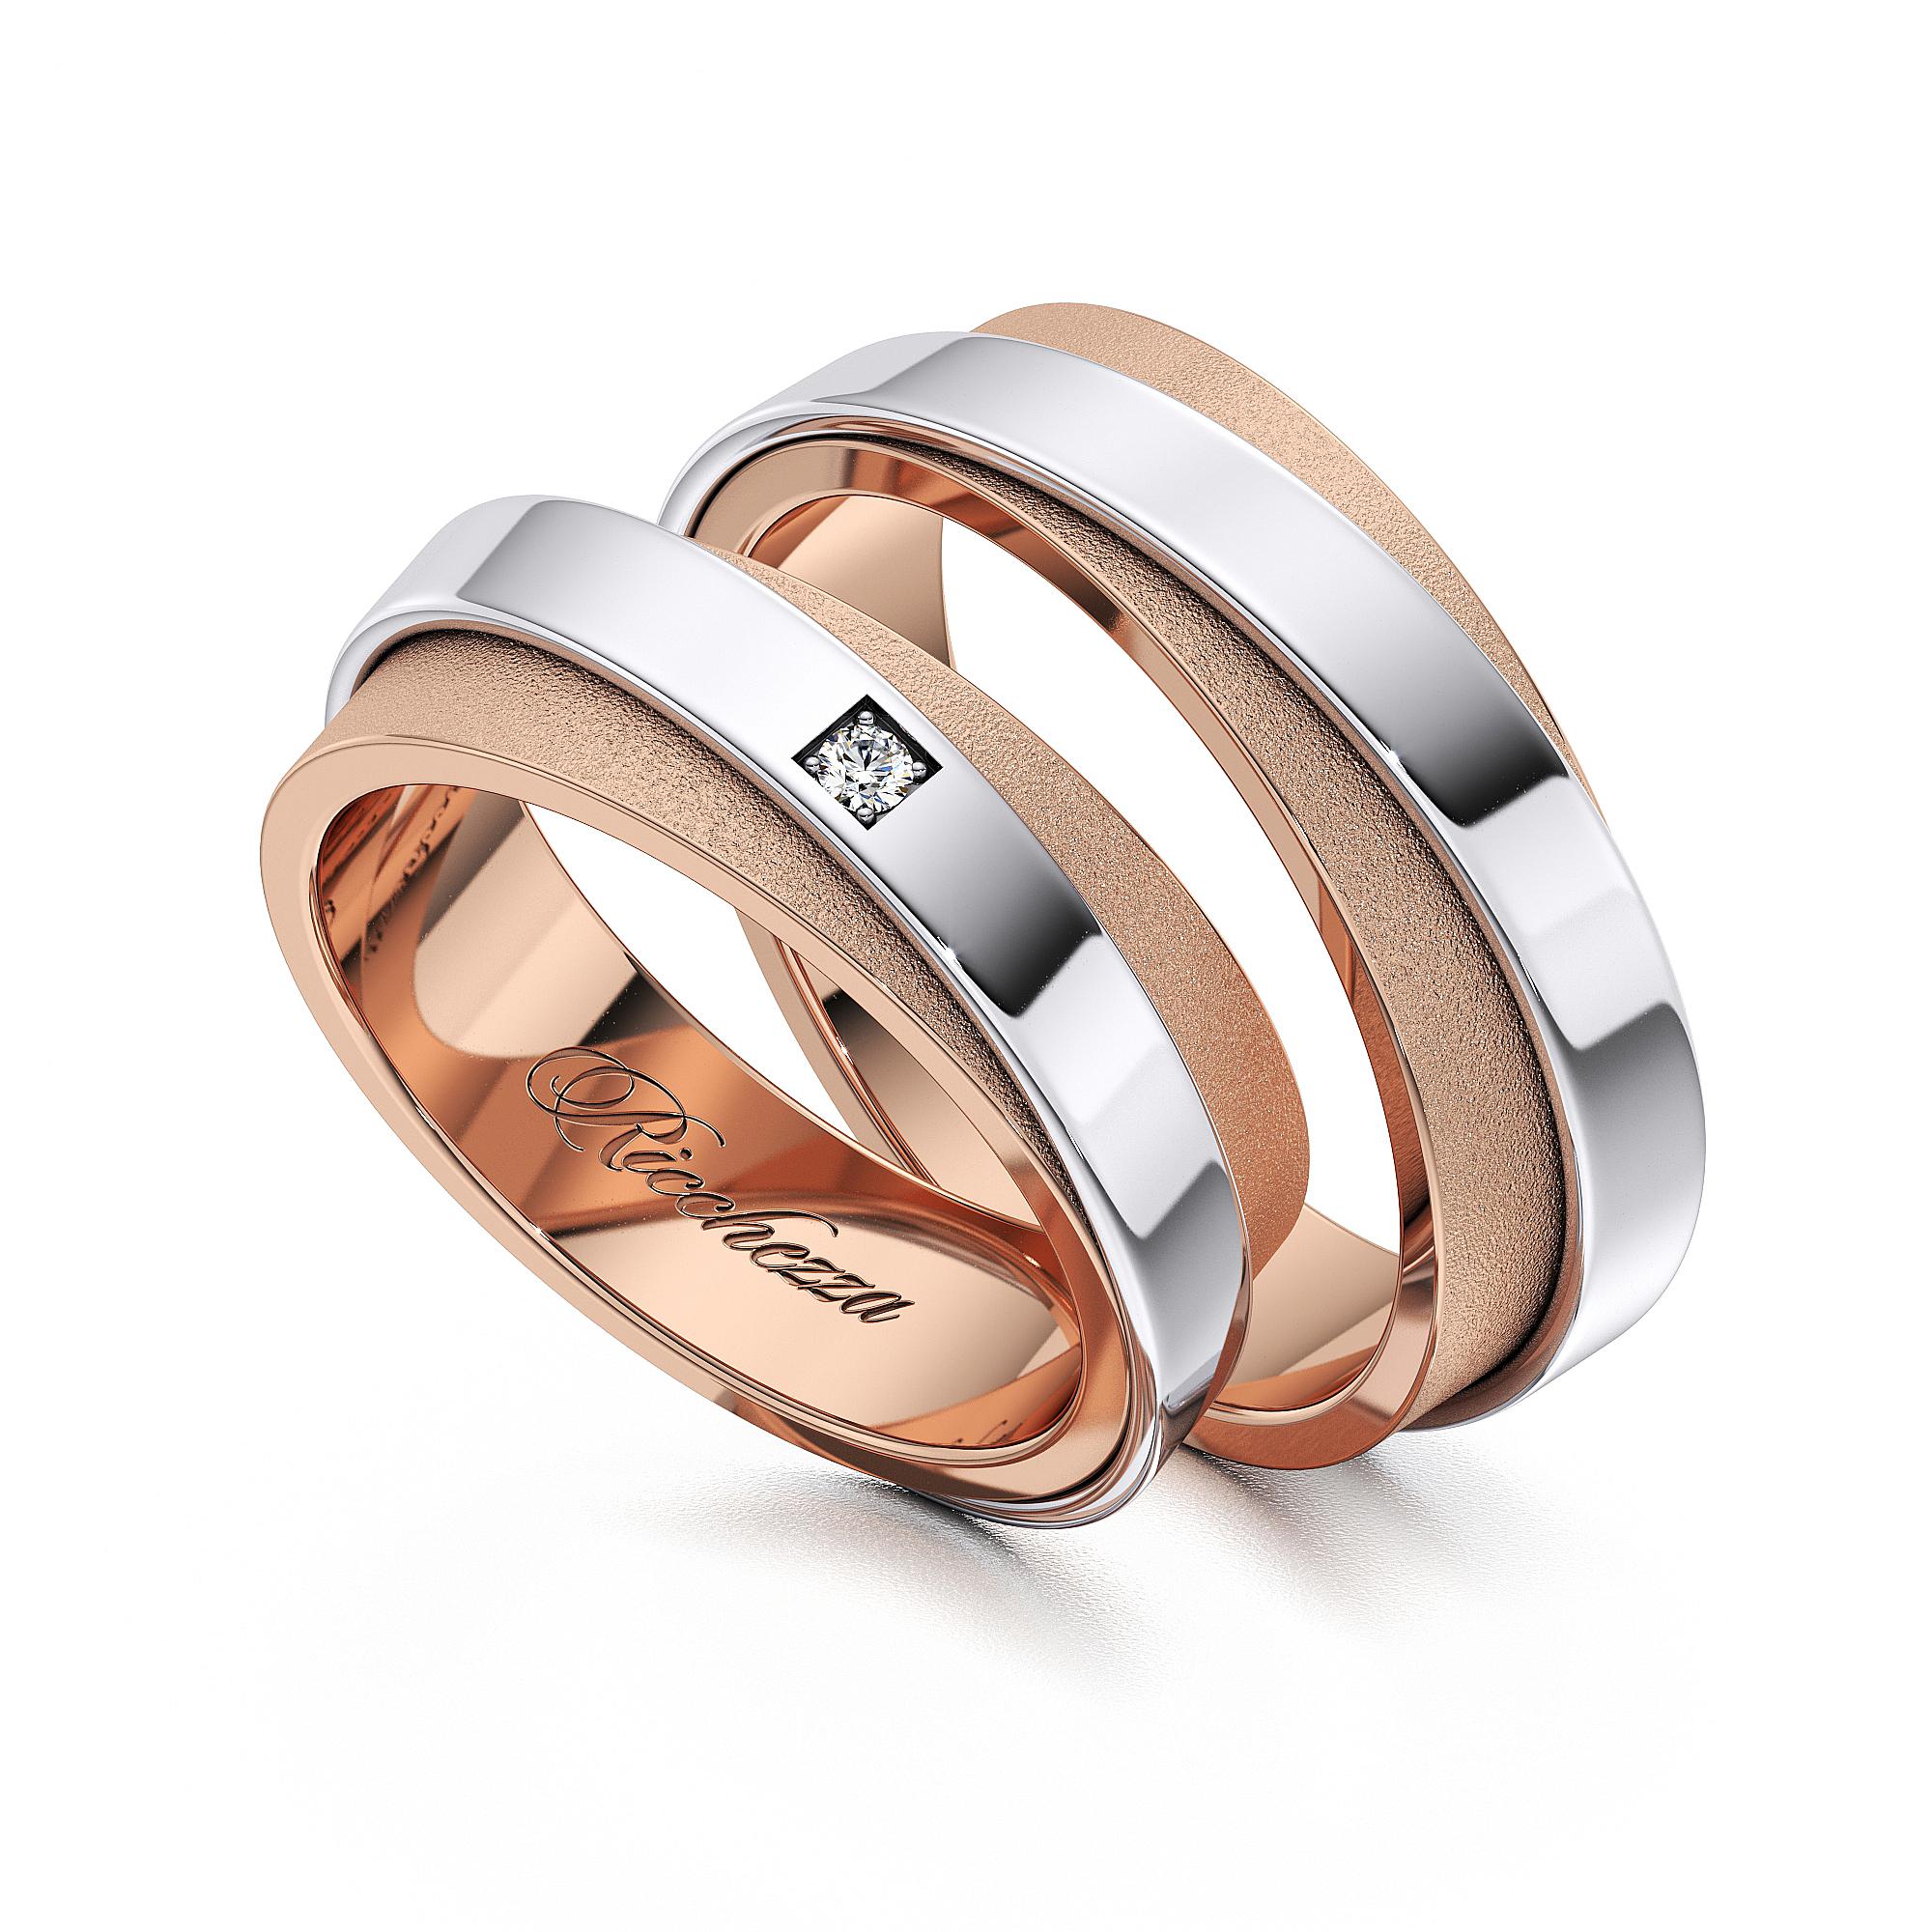 Обручальные кольца RS72 — Ricchezza — ювелирные изделия aeccd55c392